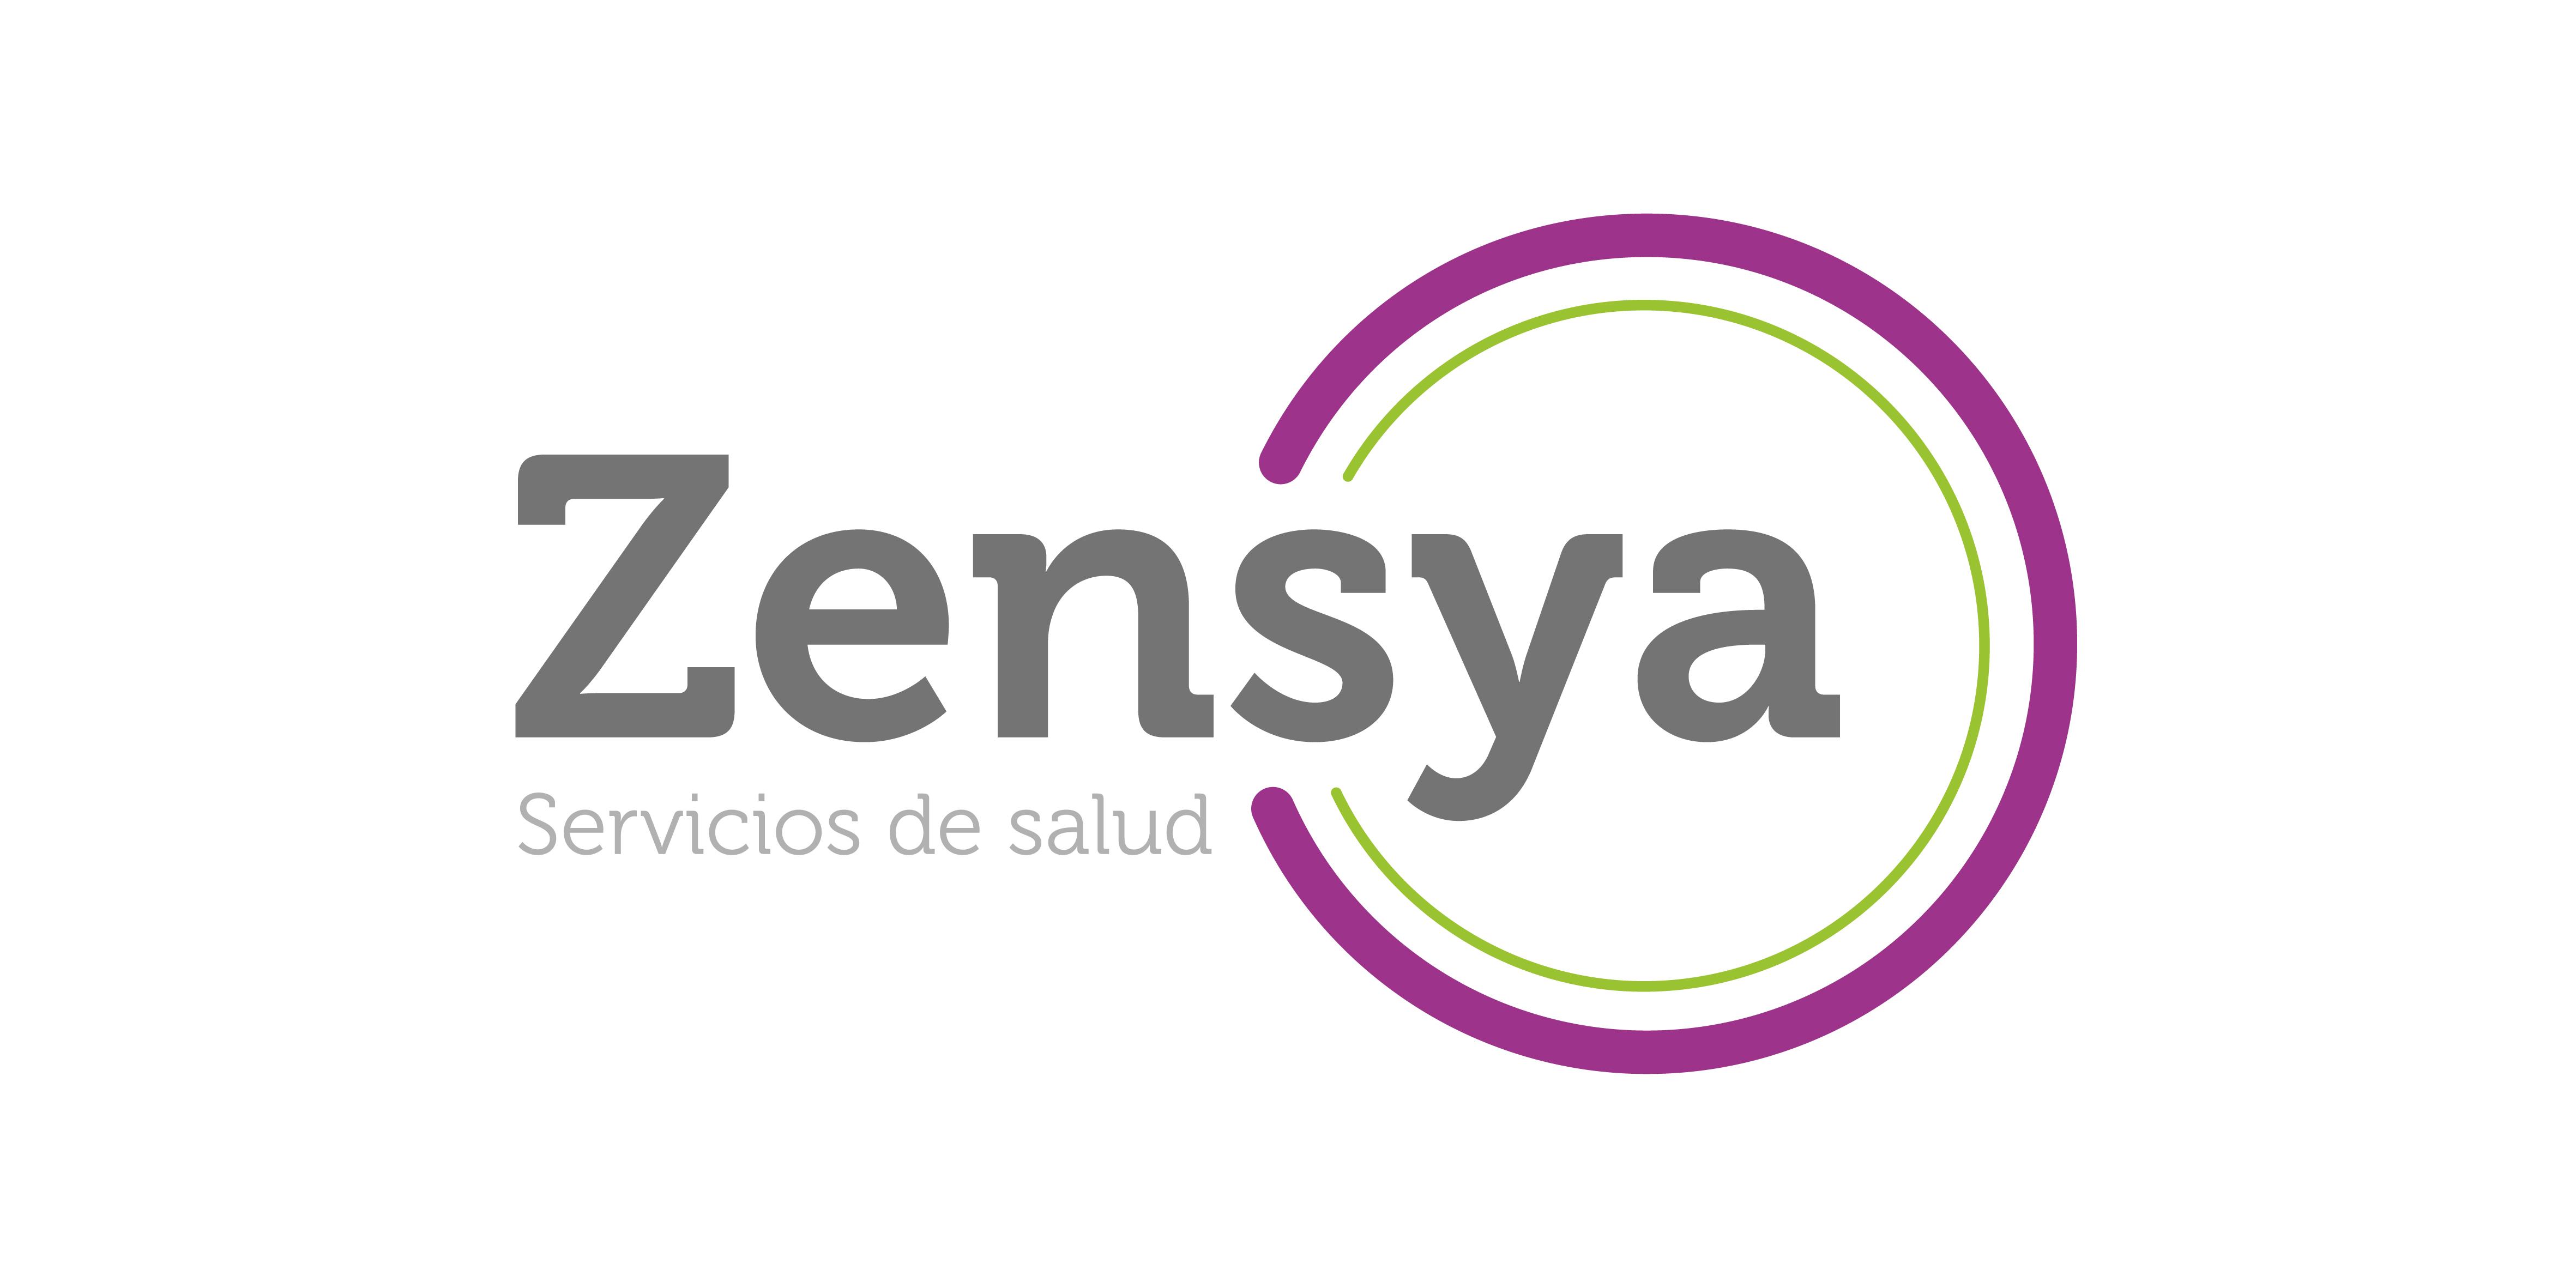 Zensya | Valencia